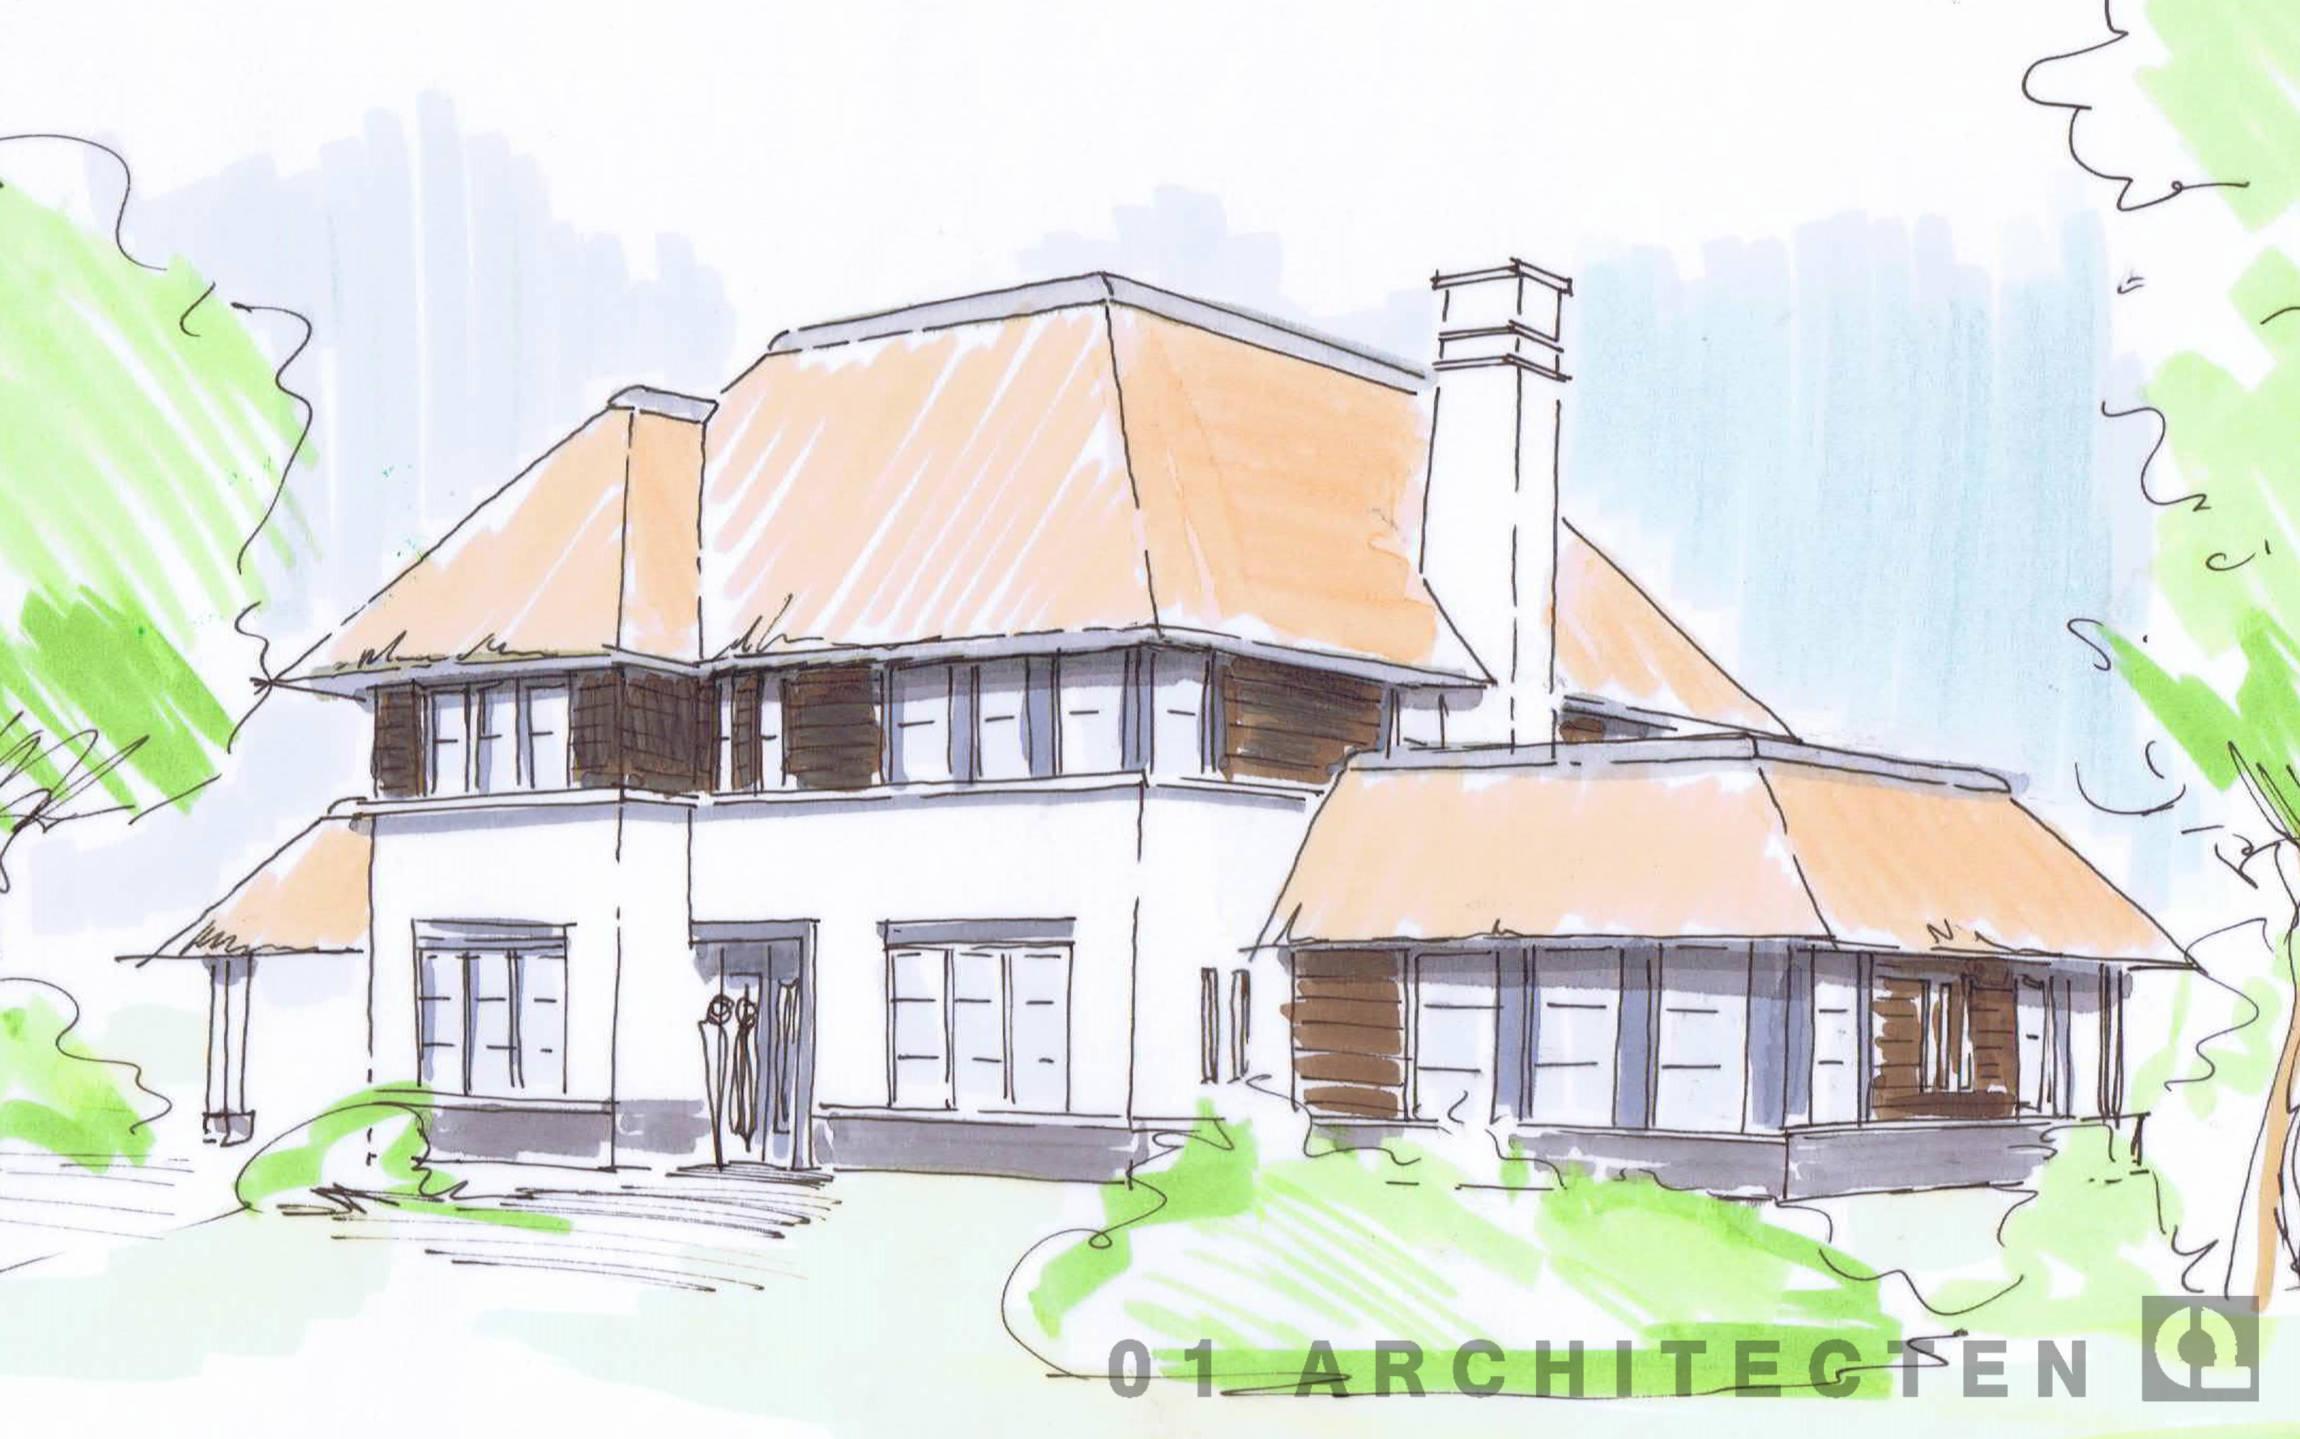 Enschede schetsontwerp witte villa met riet schoorstenen en veranda